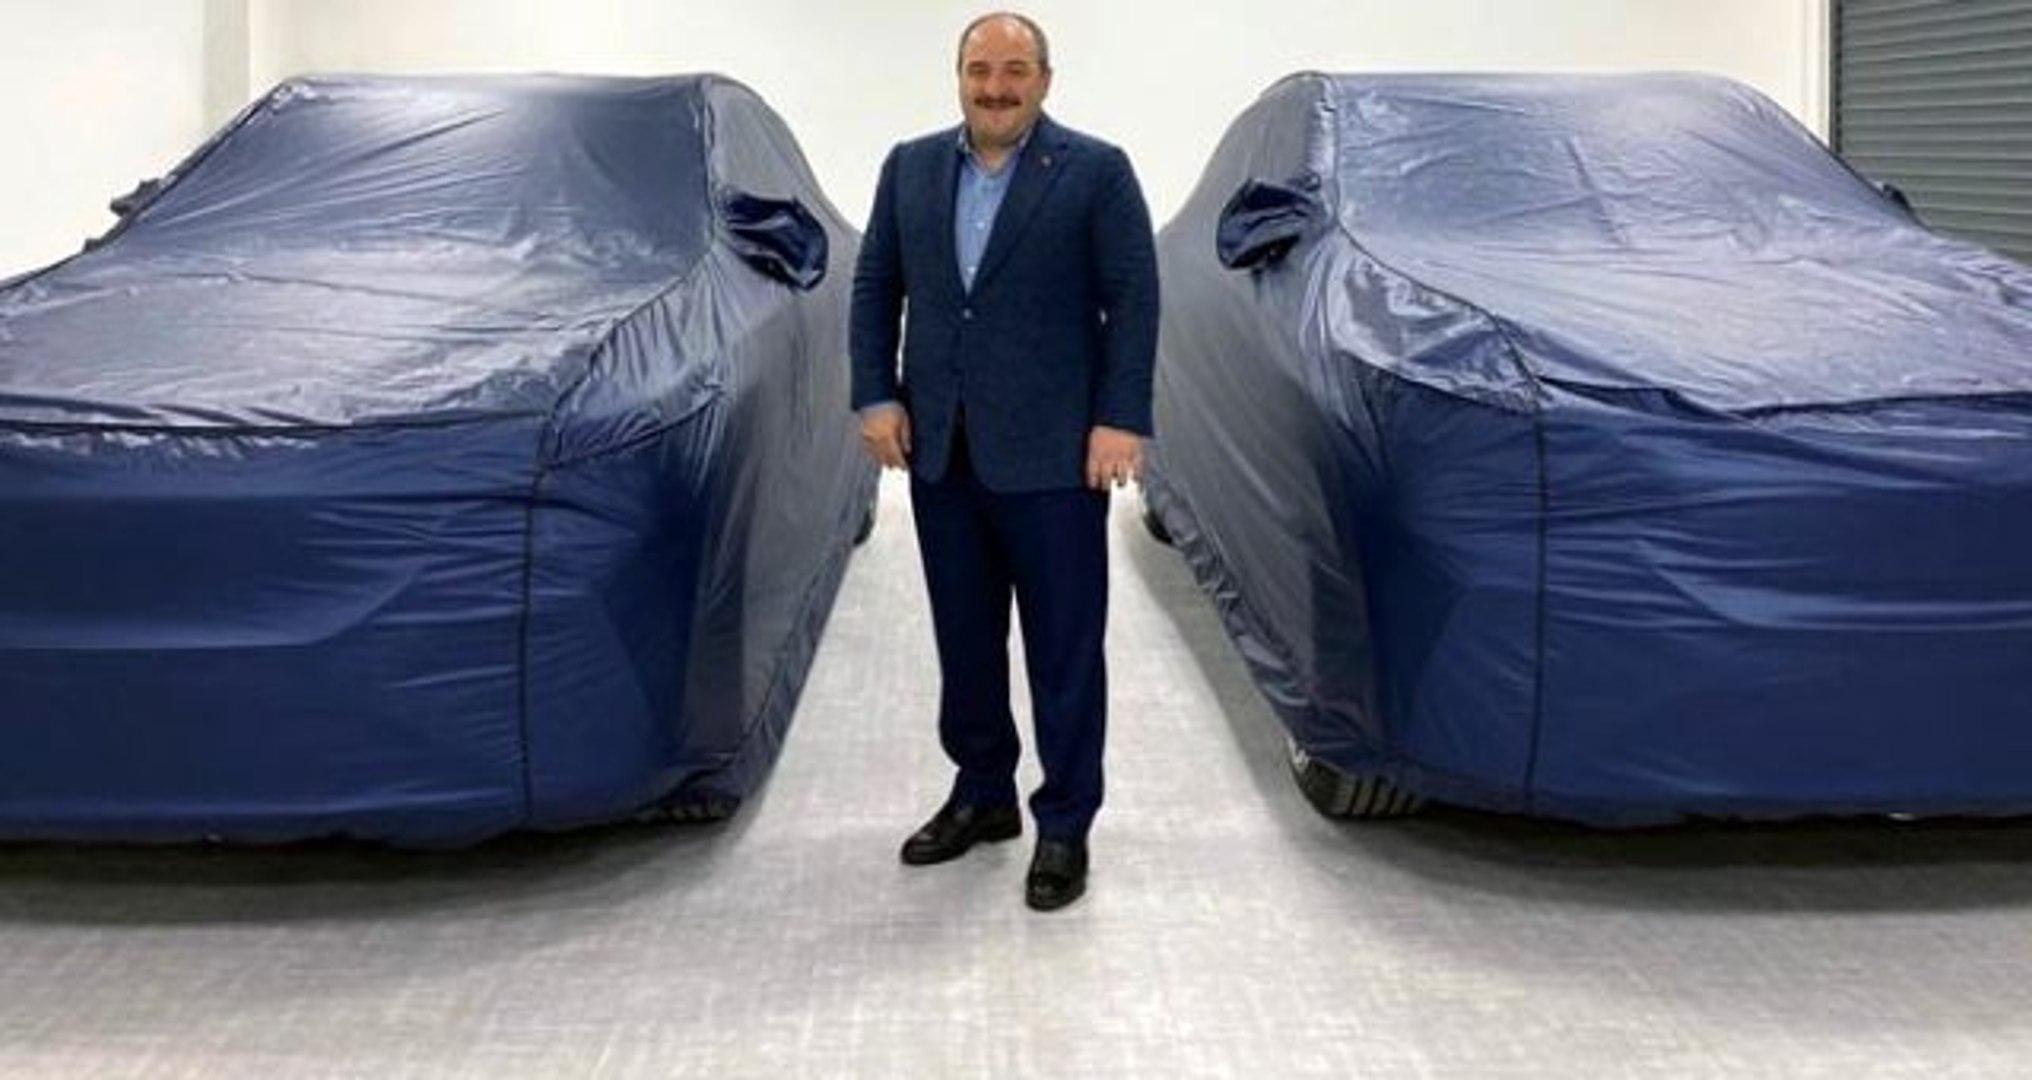 Bakan Varank'tan yerli otomobil yorumuna esprili yanıt: Böyle temenni mi olur